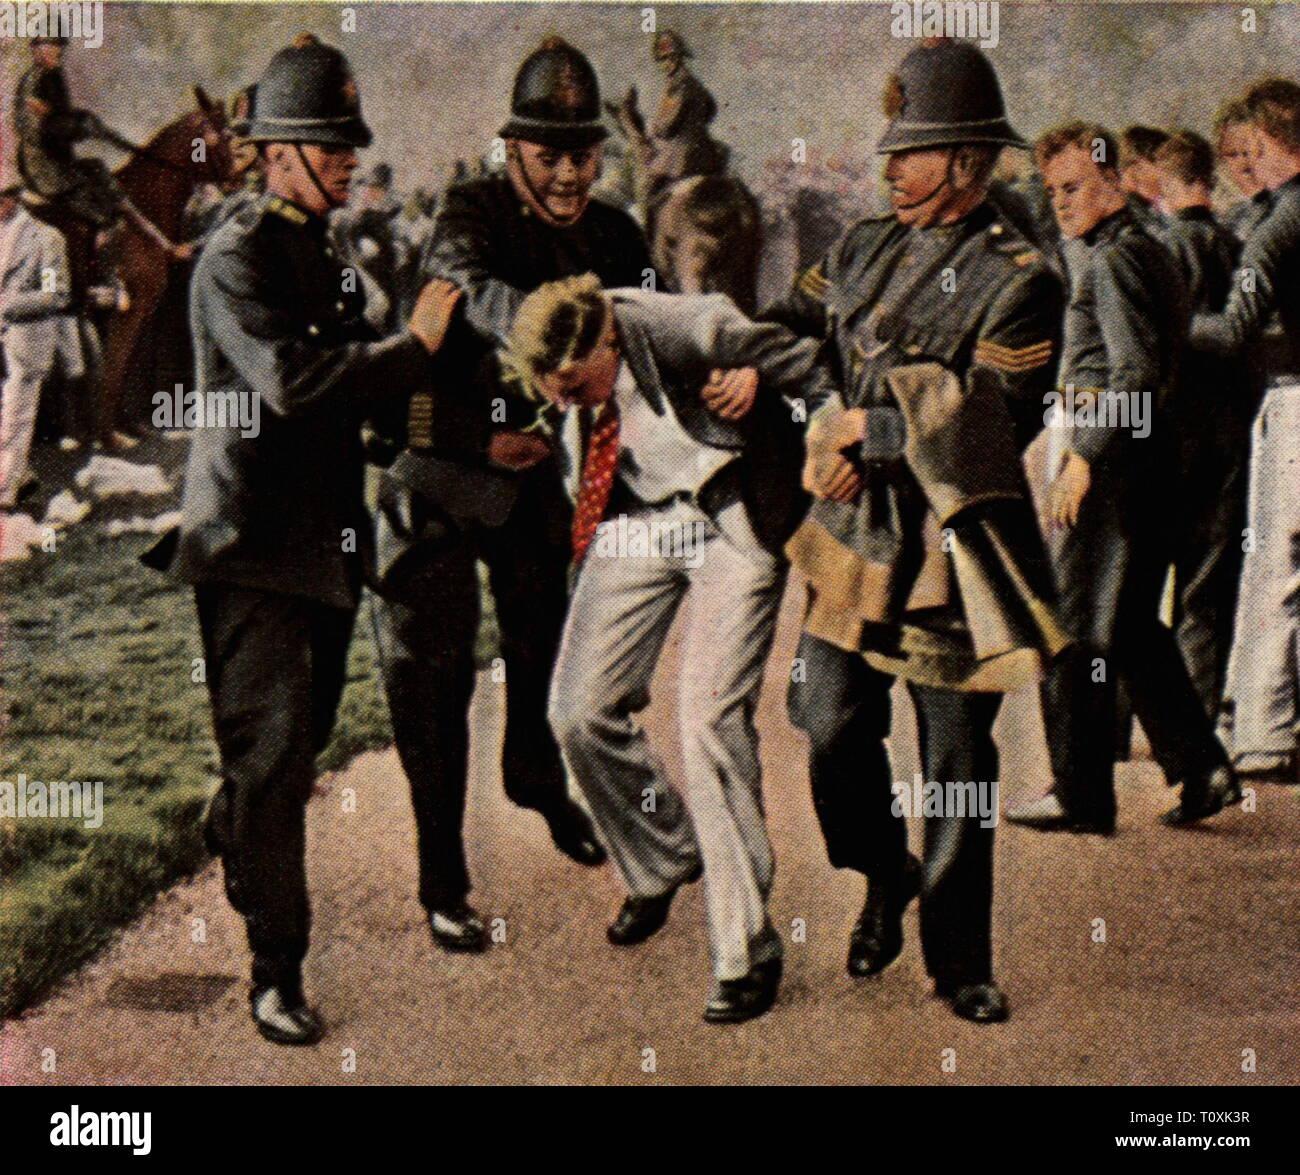 Politica, dimostrazioni, Gran Bretagna, la protesta dei disoccupati, la polizia è un fermo demonstratorsin Hdye Park, Londra, 10.9.1931, fotografia colorata, carta di sigaretta, serie 'Die Nachkriegszeit', 1935, poliziotti, poliziotto, lavoratore, lavoratori, arresto, arresto, disoccupazione, depressione mondiale, World depressioni, violenza, Regno Unito, xx secolo, 1930S, politica, politica, dimostrazioni, demo, dimostrazione, demo, protesta, proteste, disoccupati, nonworker, workless, disoccupati, detenere, detenzione, dimostranti, dimostratore, colore, Additional-Rights-Clearance-Info-Not-Available Immagini Stock